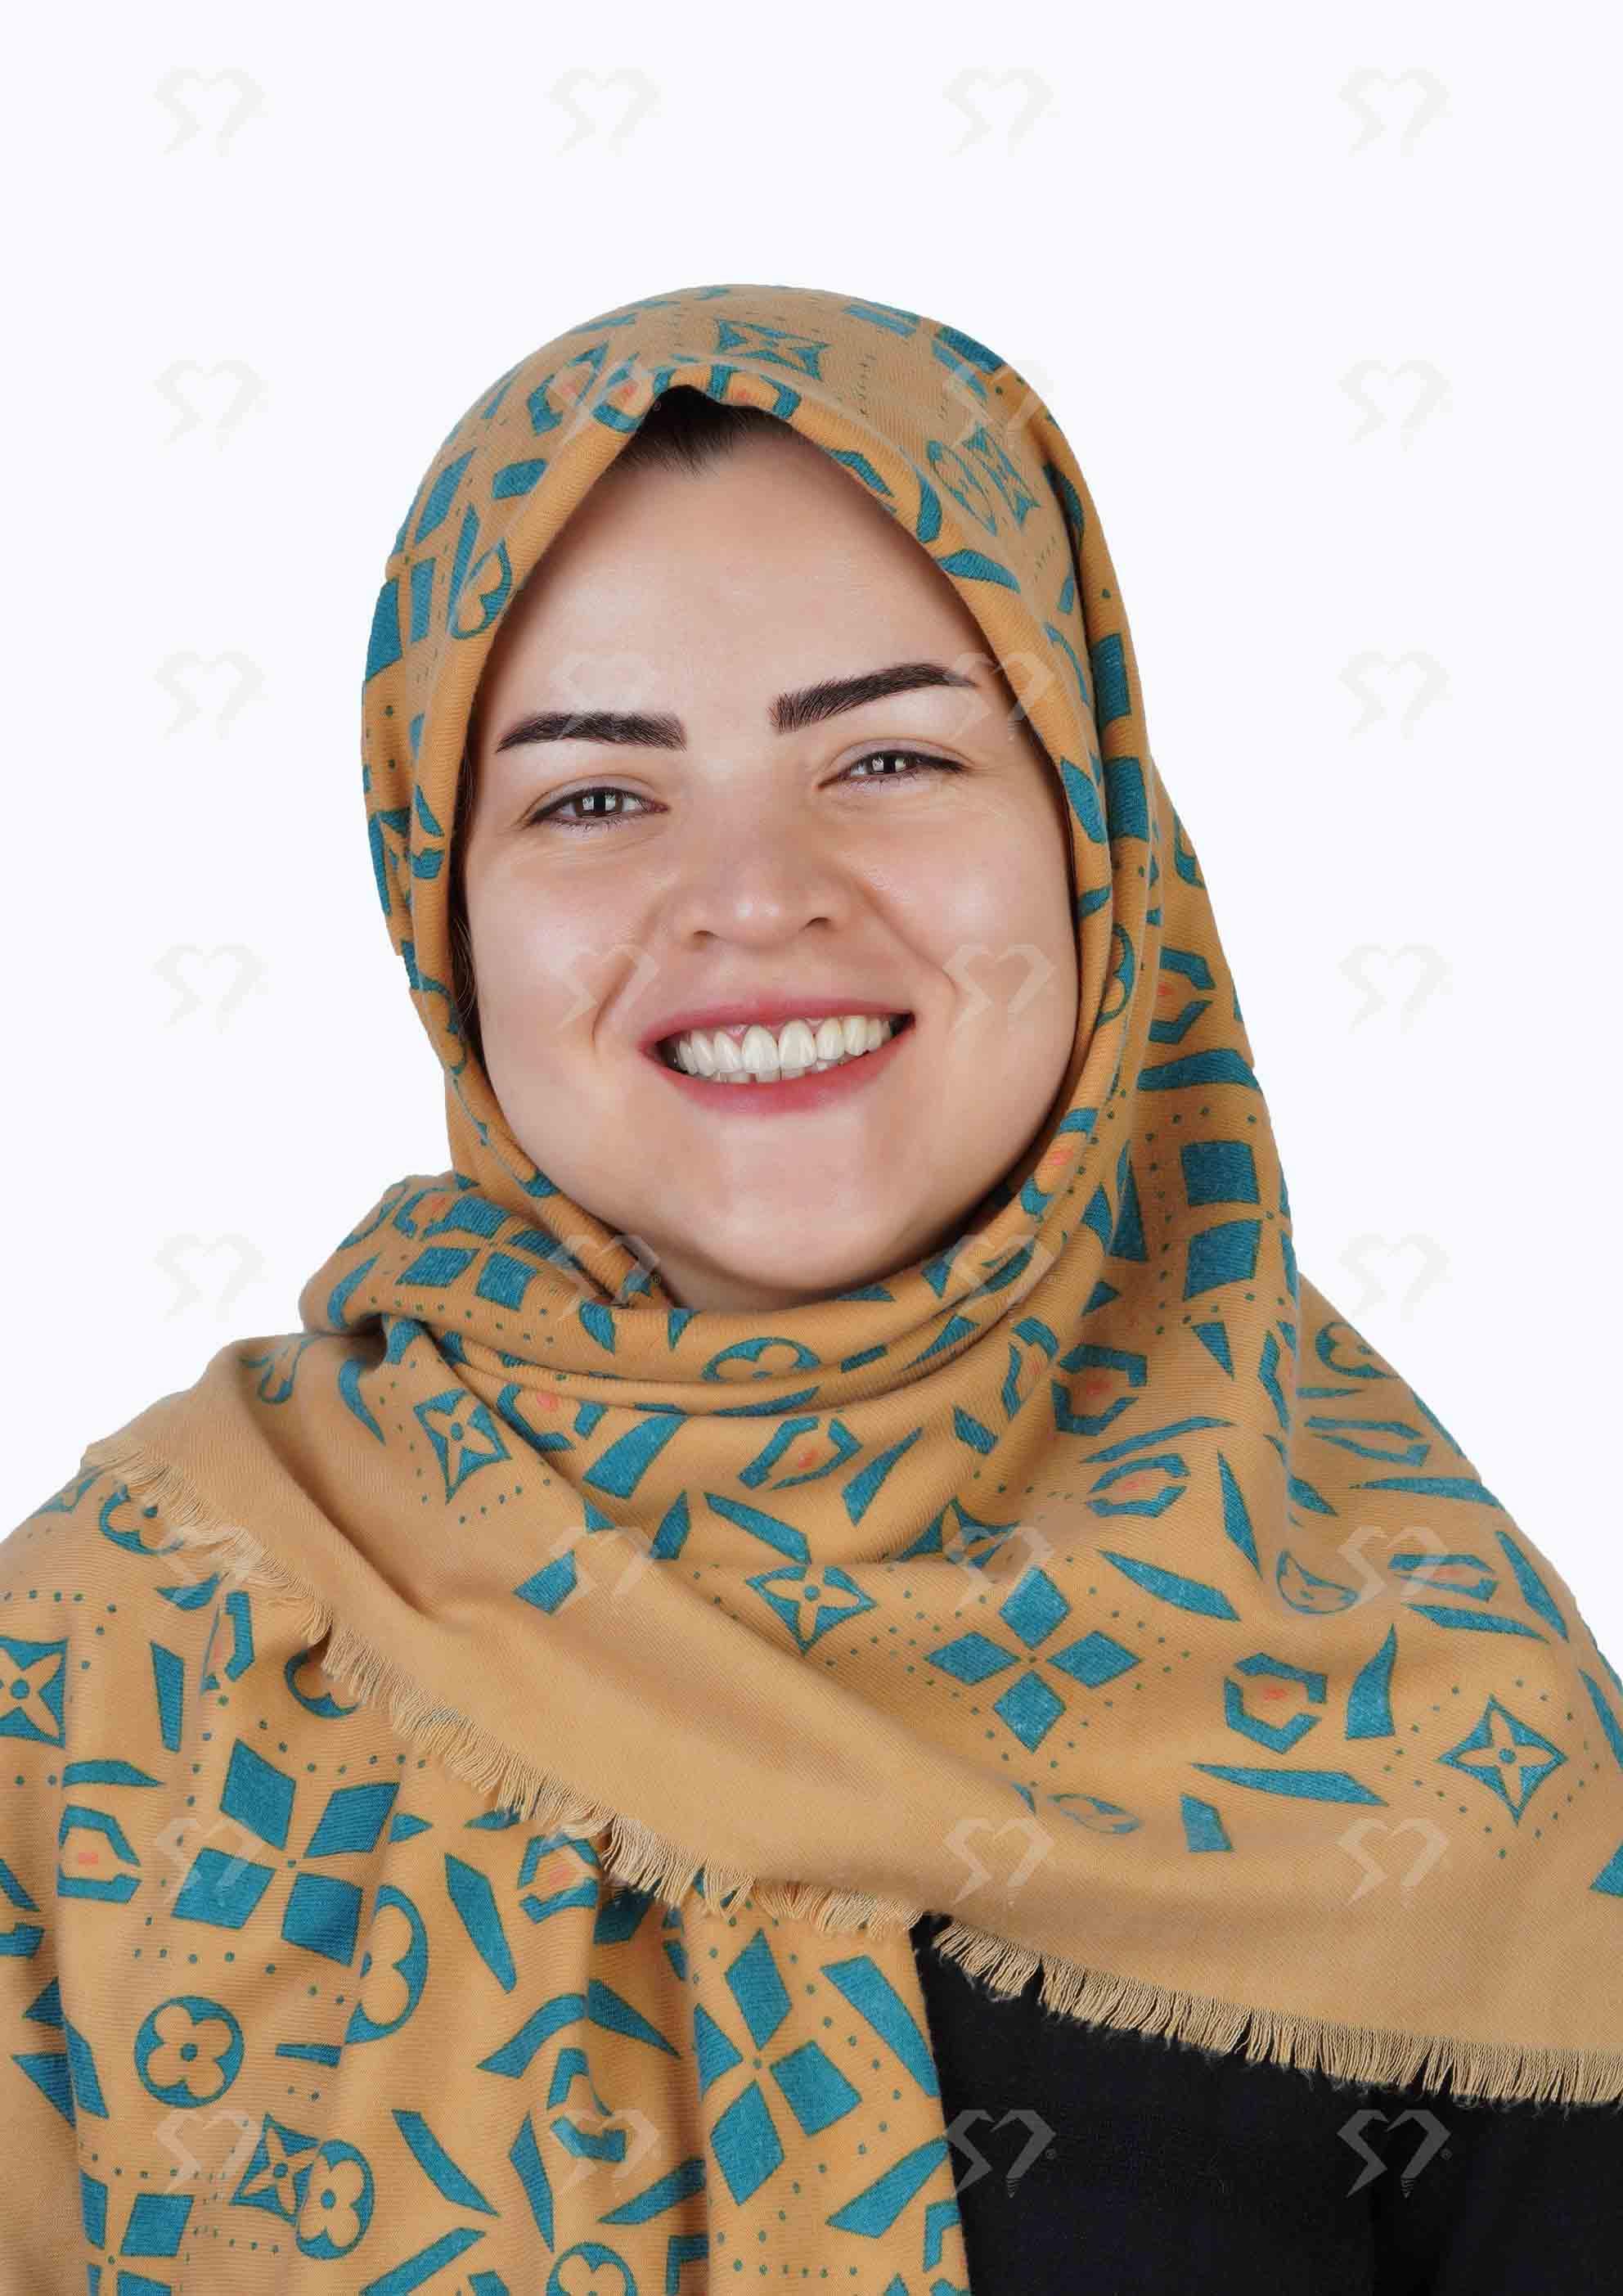 نمونه و کیس روکش دندان - کلینیک دندانپزشکی دکتر صدری منش